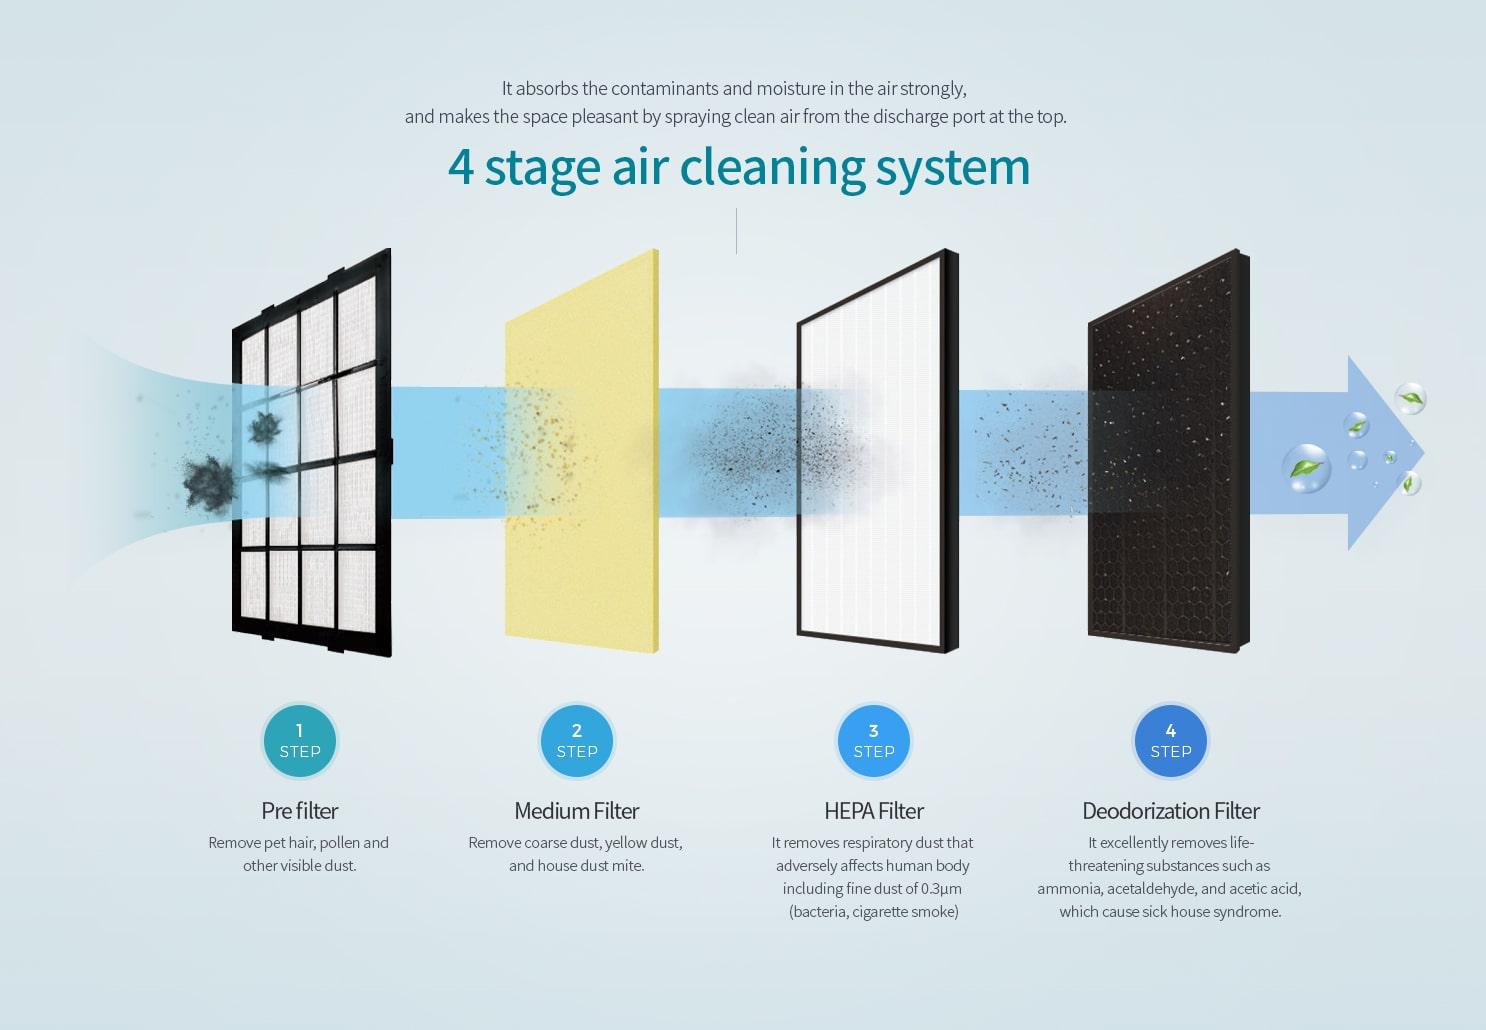 Bộ lọc 4 bước cho hiệu quả sạch hơn